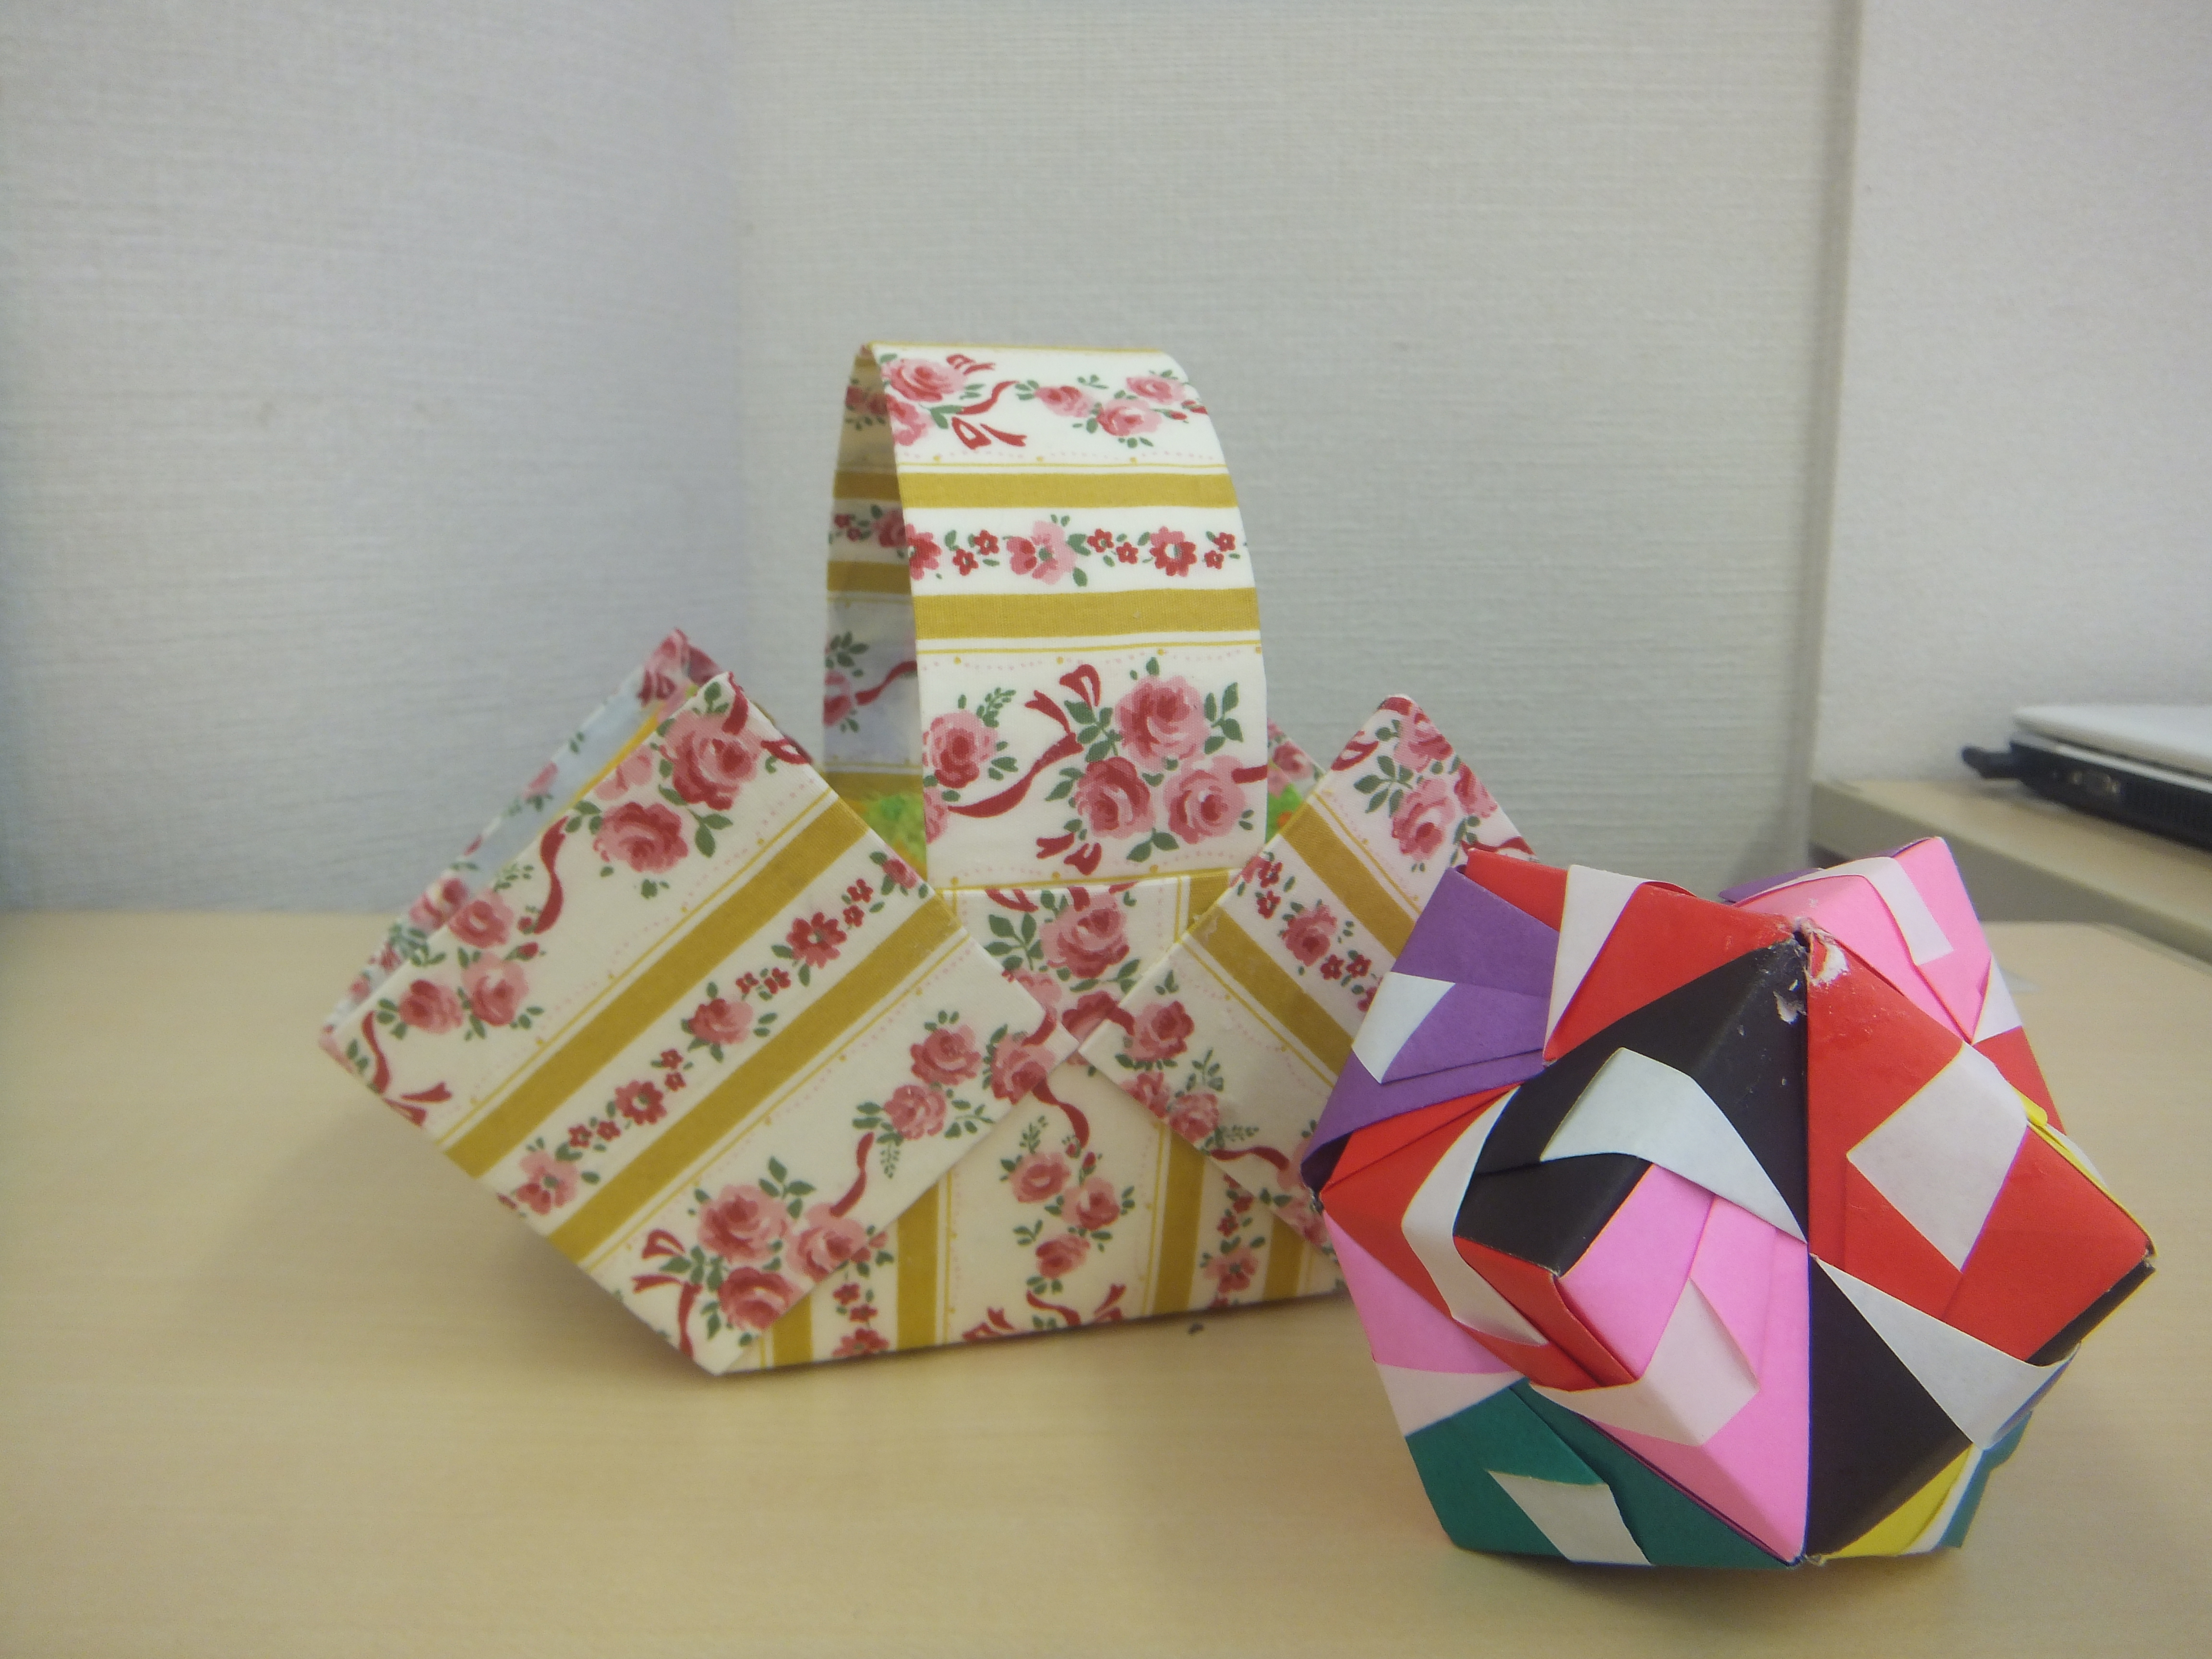 すべての折り紙 折り紙 簡単 可愛い : 牛乳パックの小物入れ